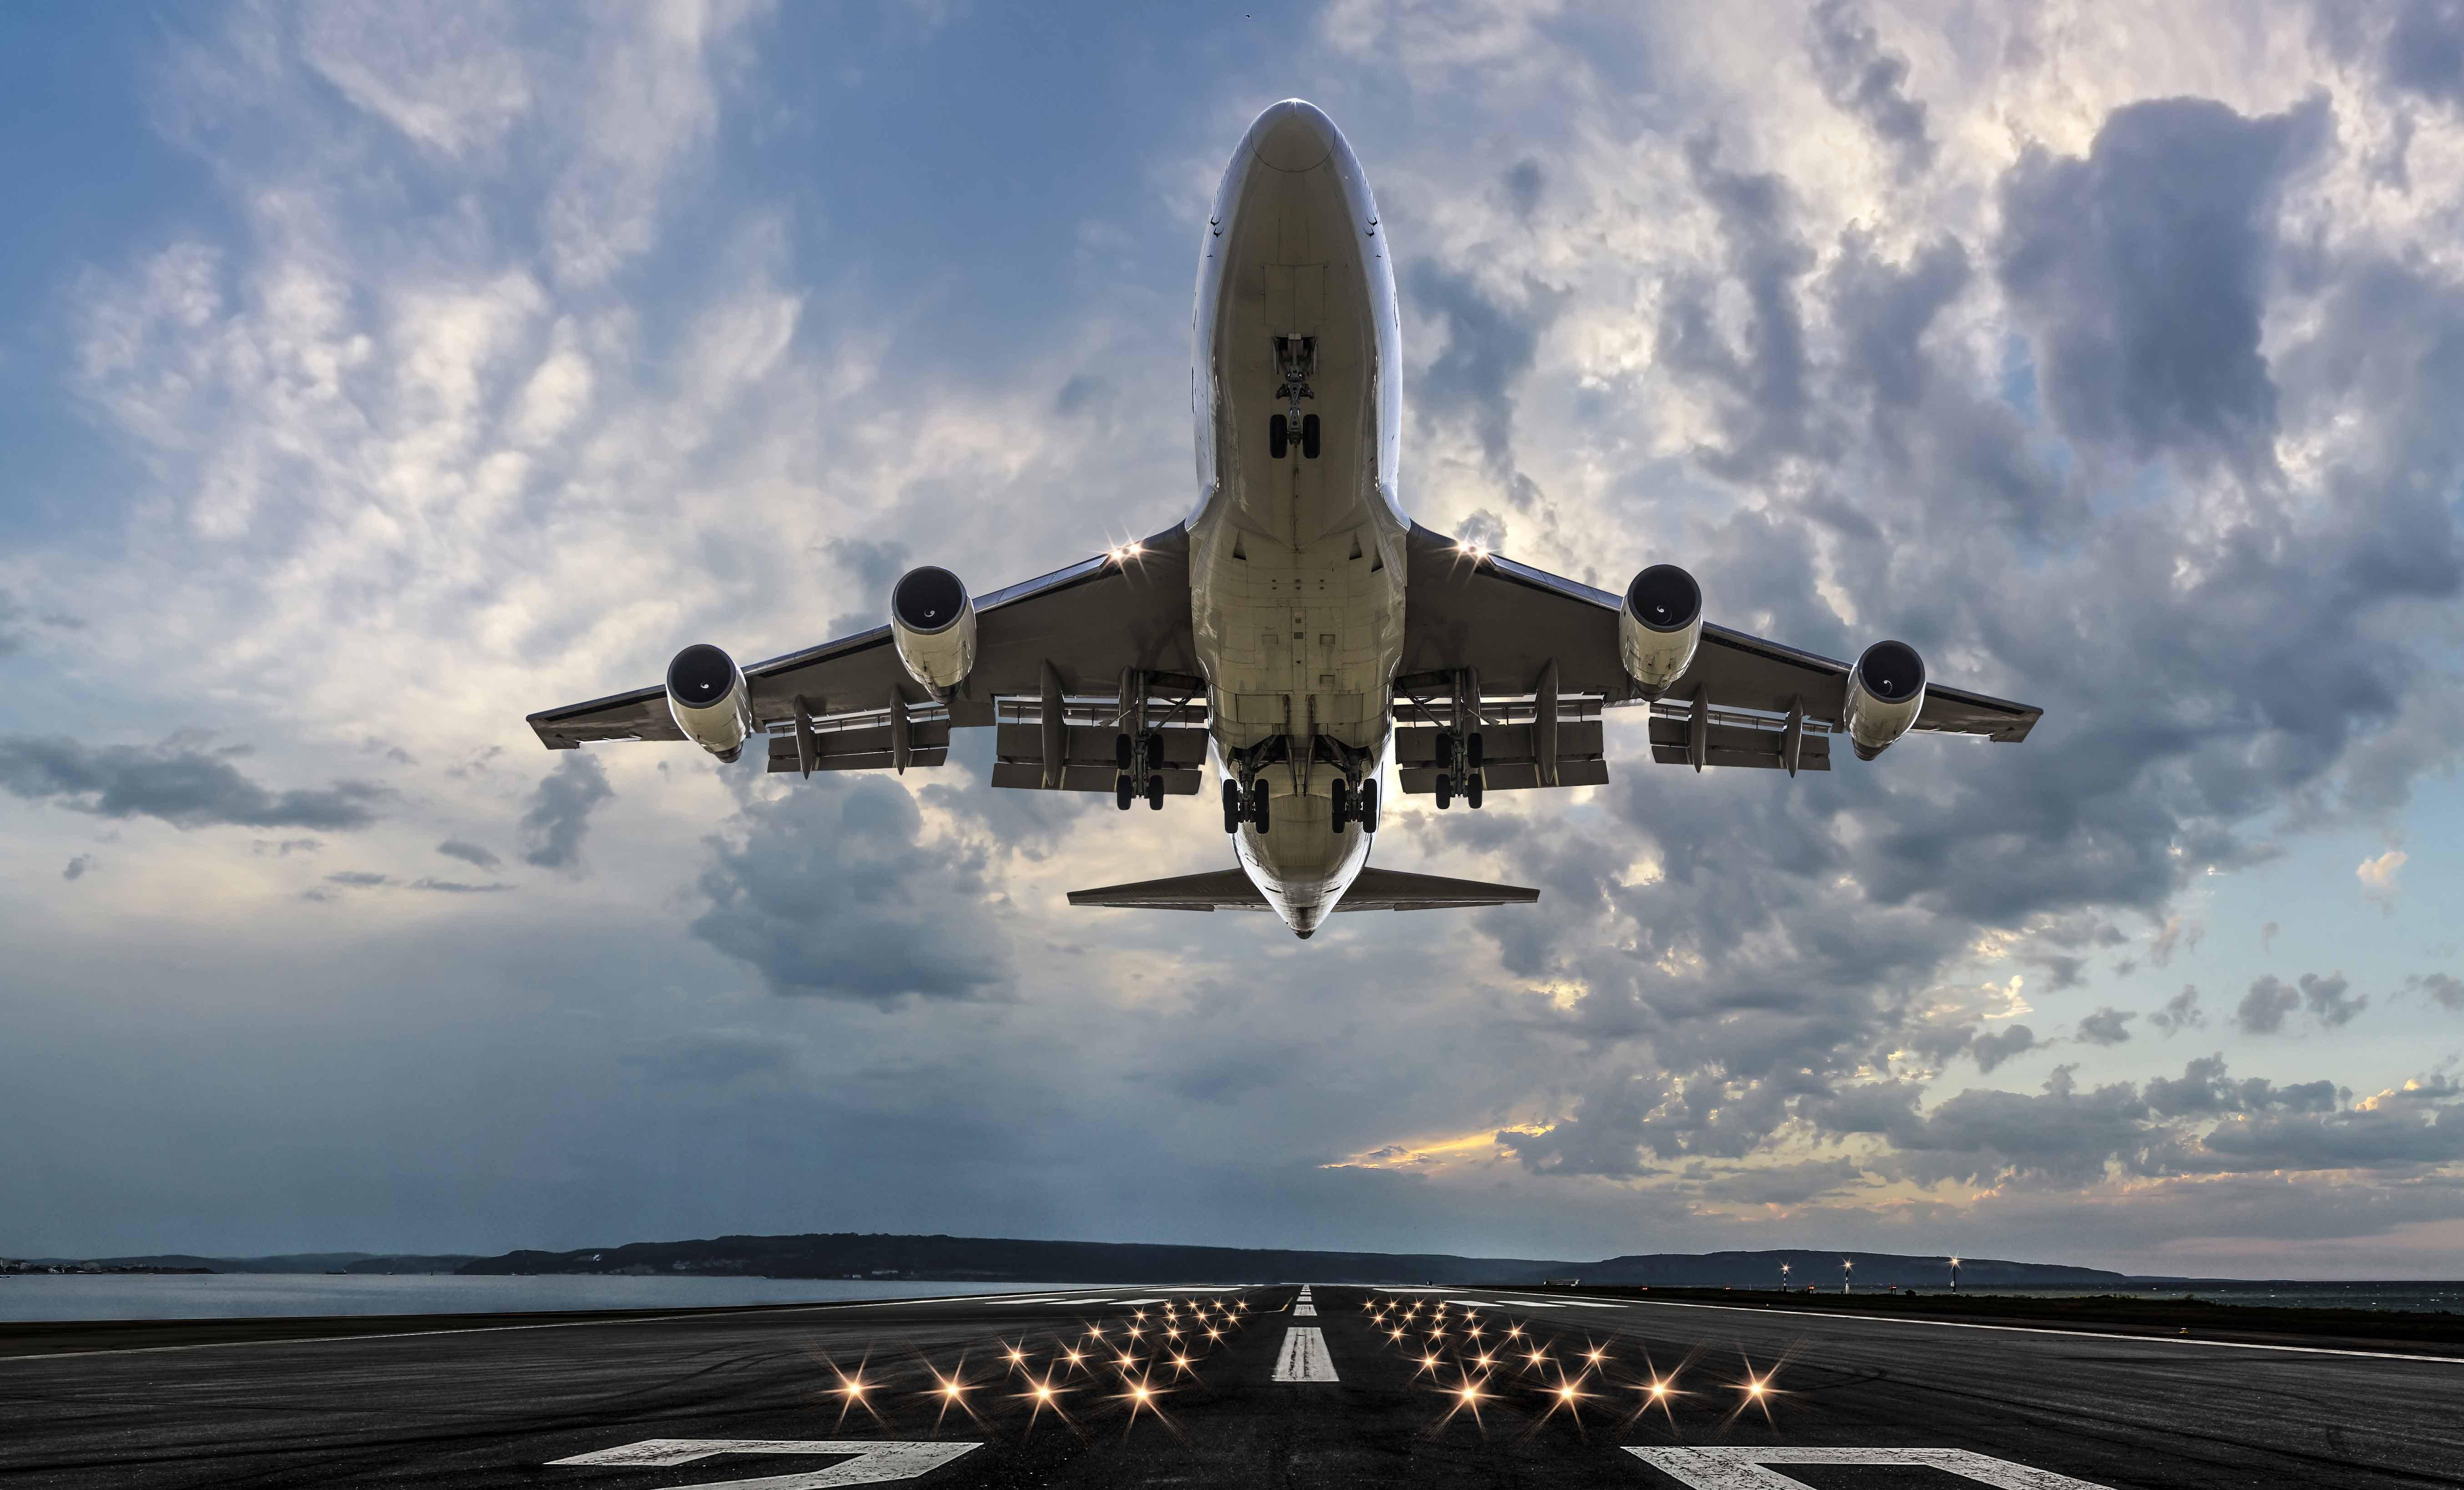 aerolineas-tendrian-hasta-un-ano-para-reeembolsar-pasajes-de-vuelos-cancelados